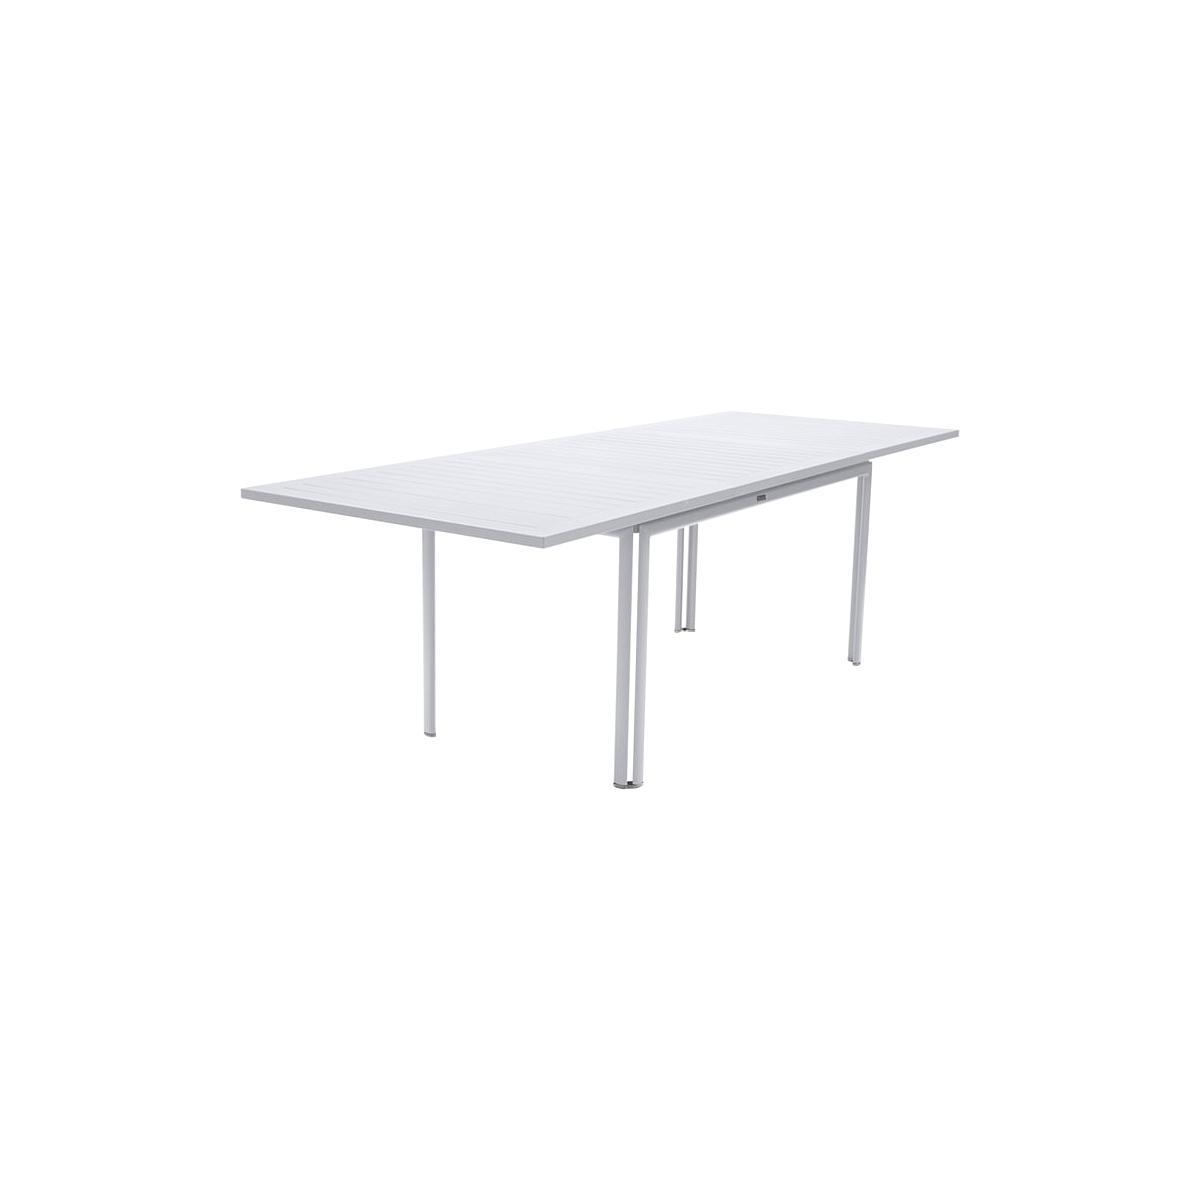 COSTA by Fermob table à allonge blanc coton